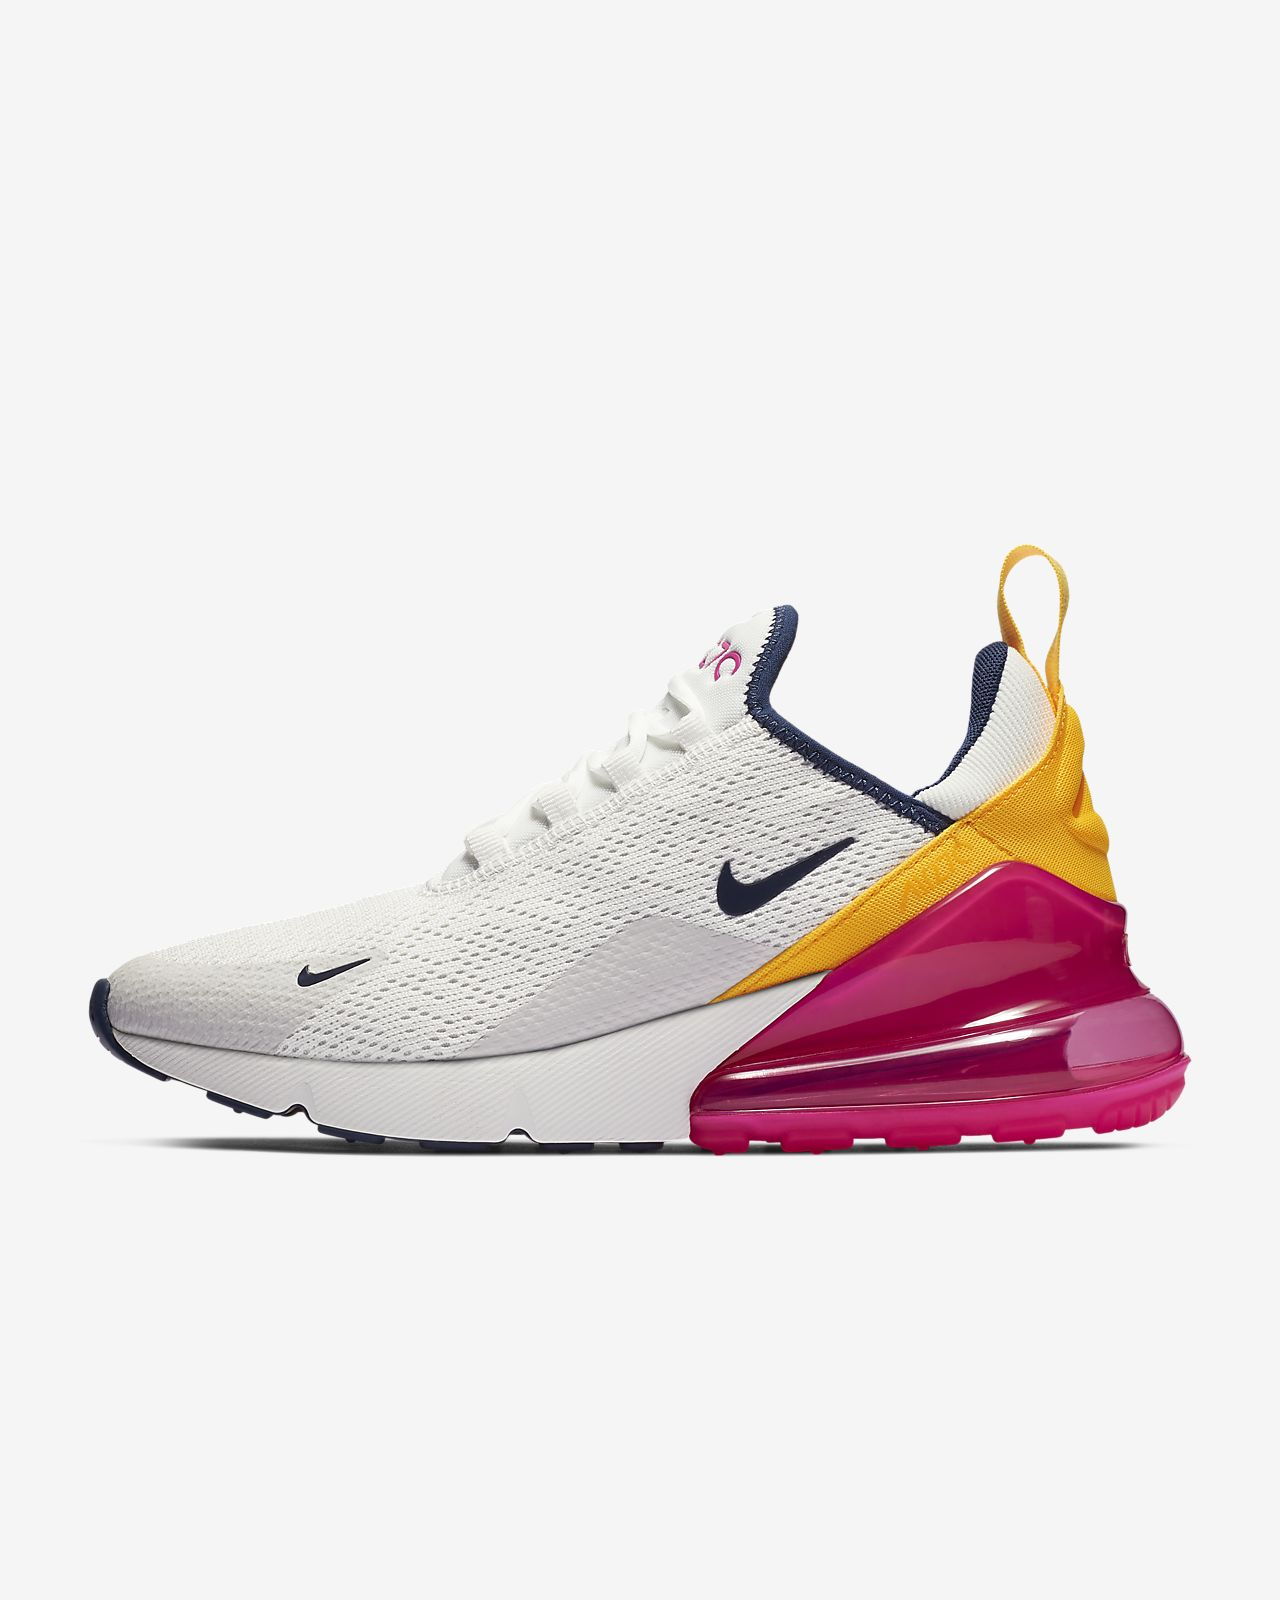 2ef250e3e5fc2 Calzado para mujer Nike Air Max 270 Premium. Nike.com MX